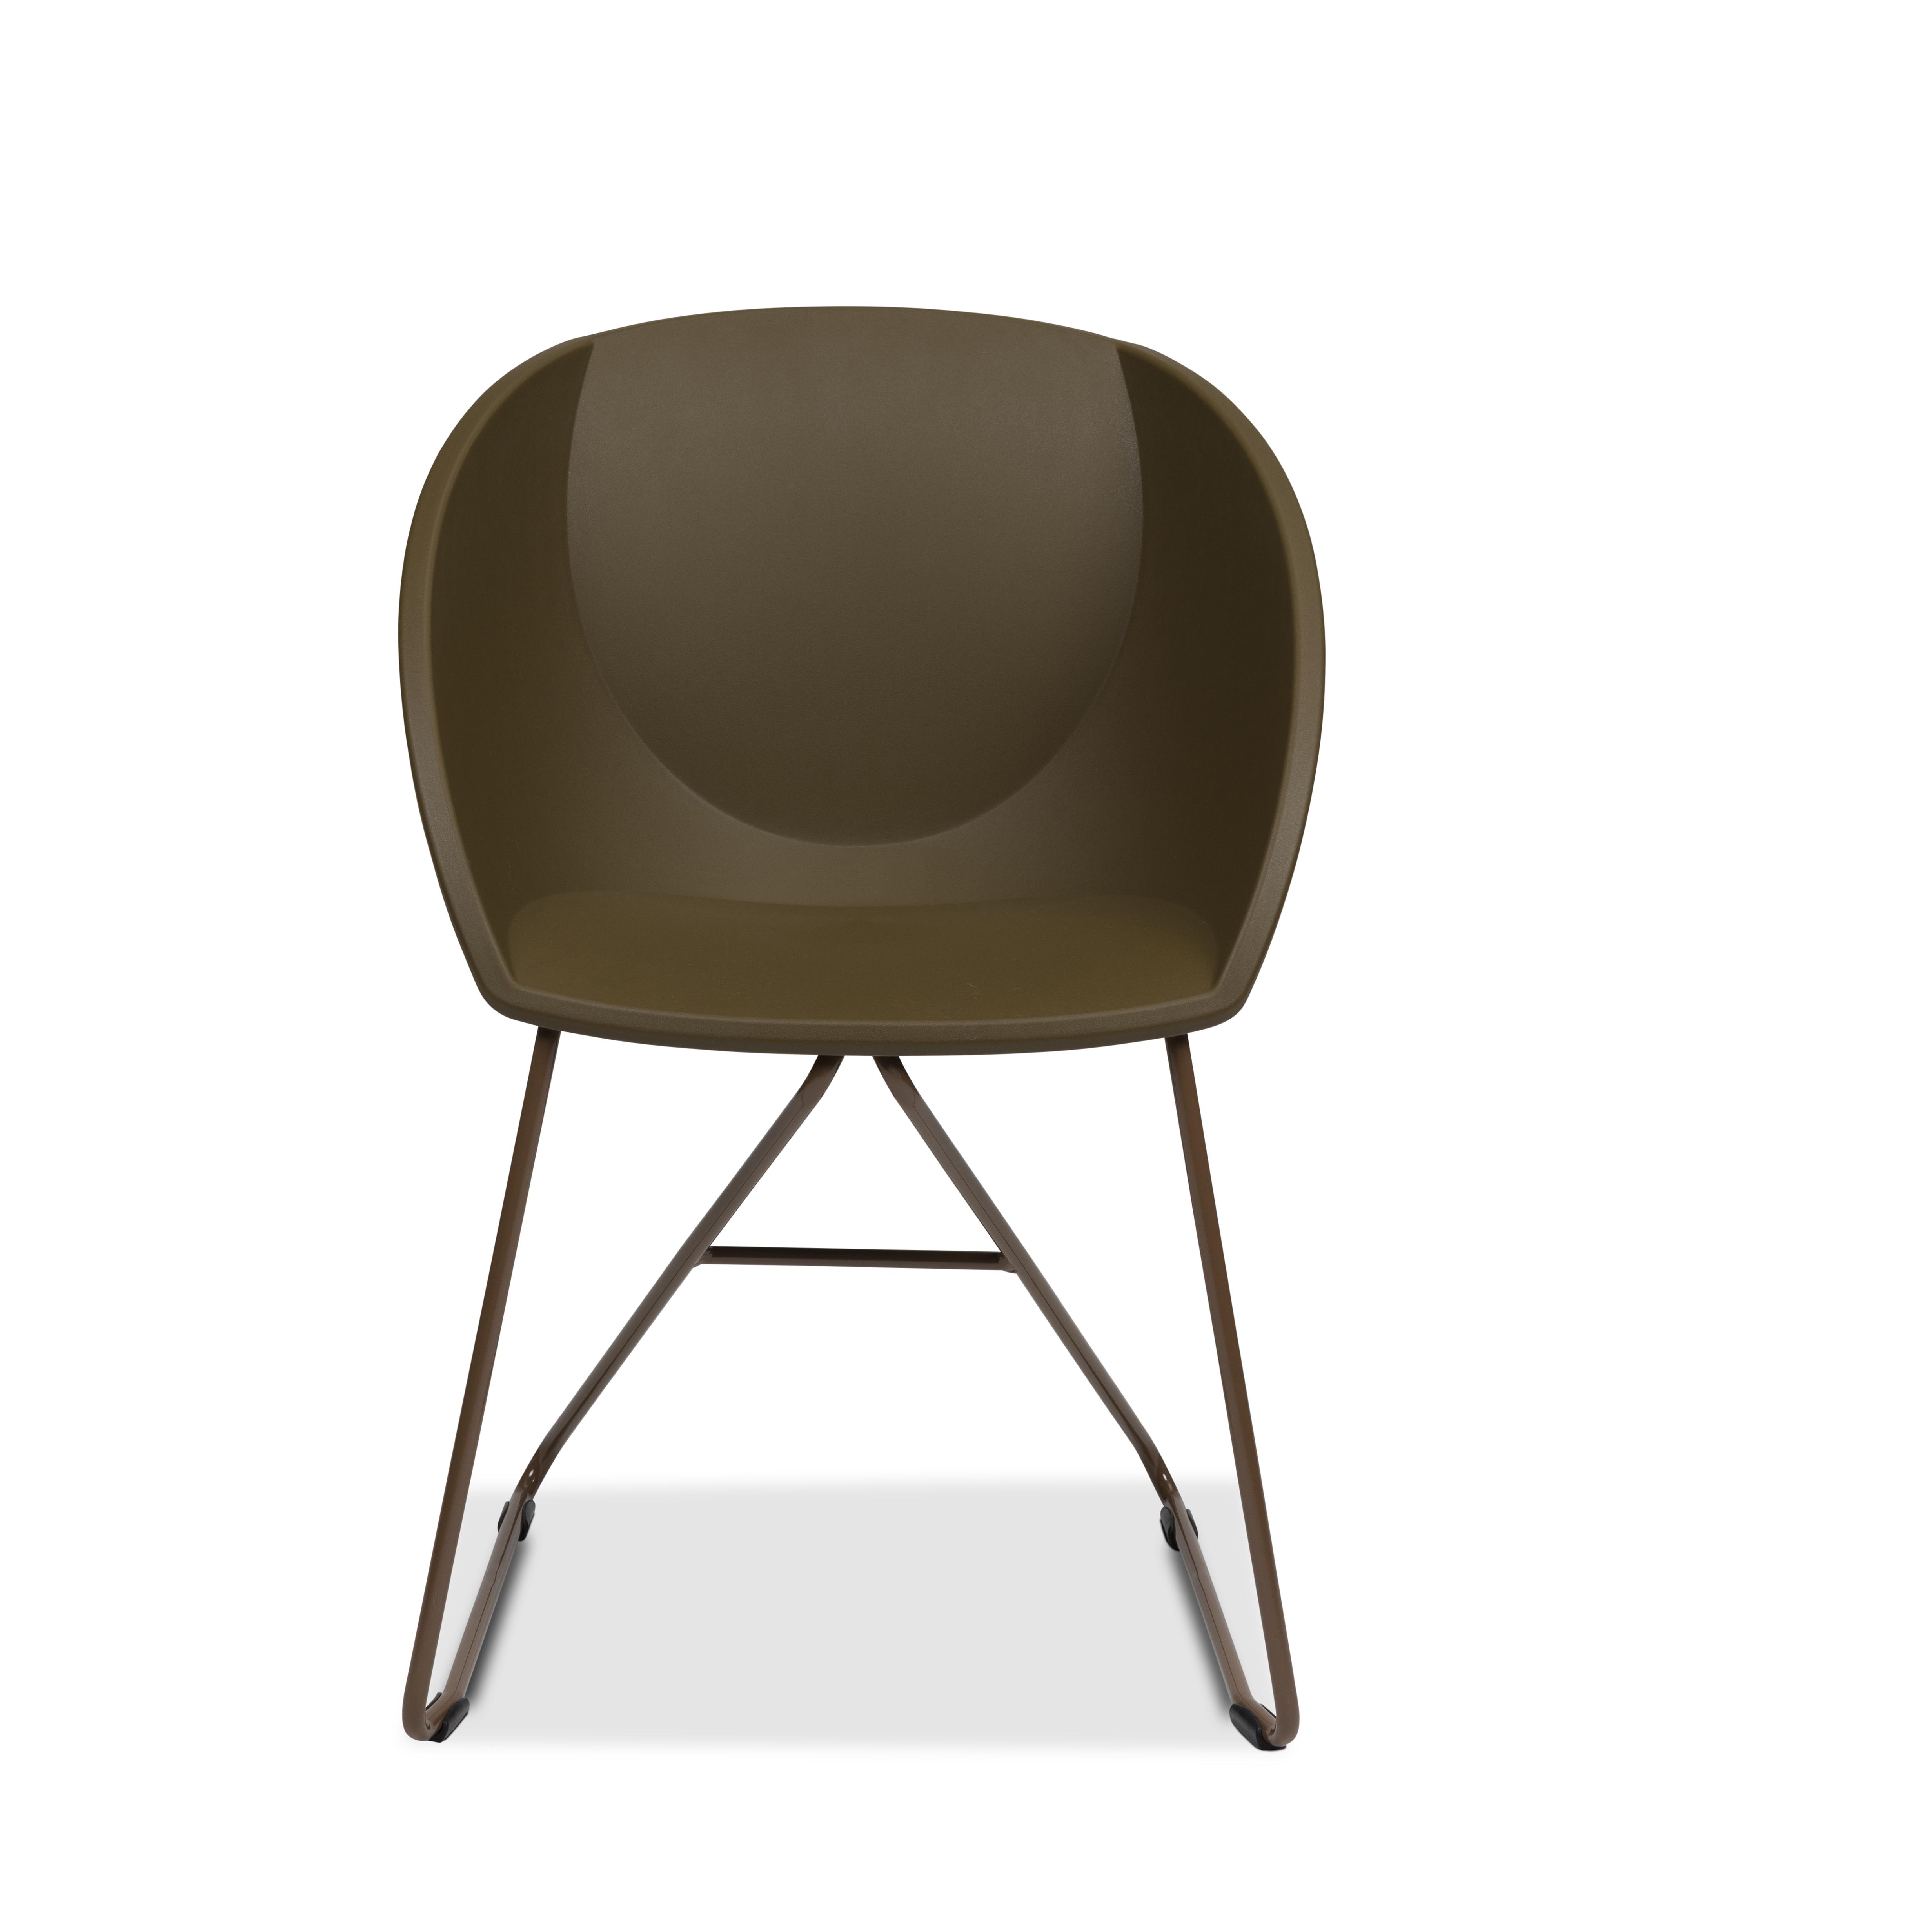 Popcorn stol i brun gjenvunnet plast Fora Form